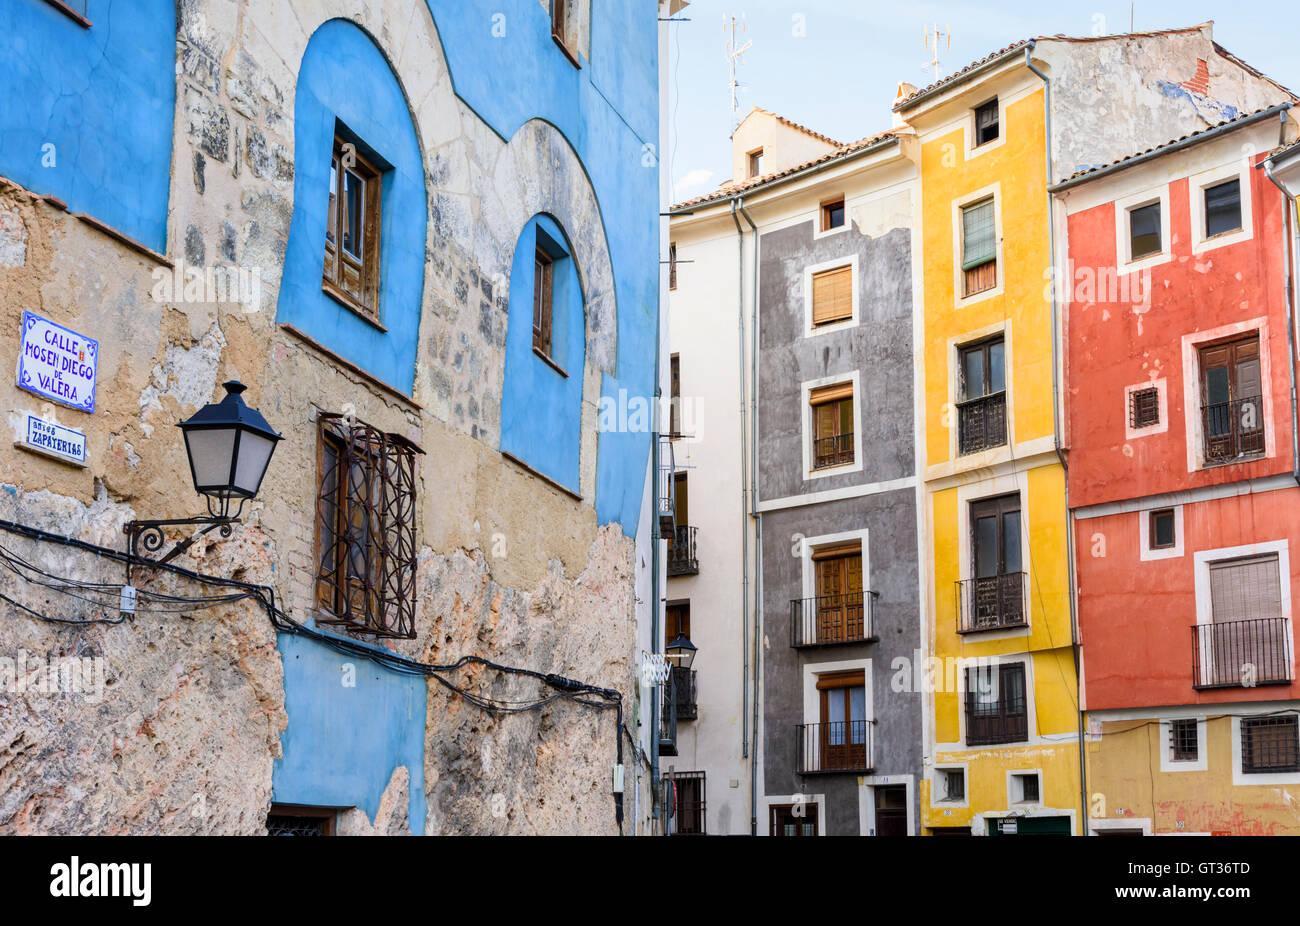 Coloridas casas de la Calle Mosen Diego de Valera y la calle Alfonso VIII, Cuenca, Castilla La Mancha, España Imagen De Stock